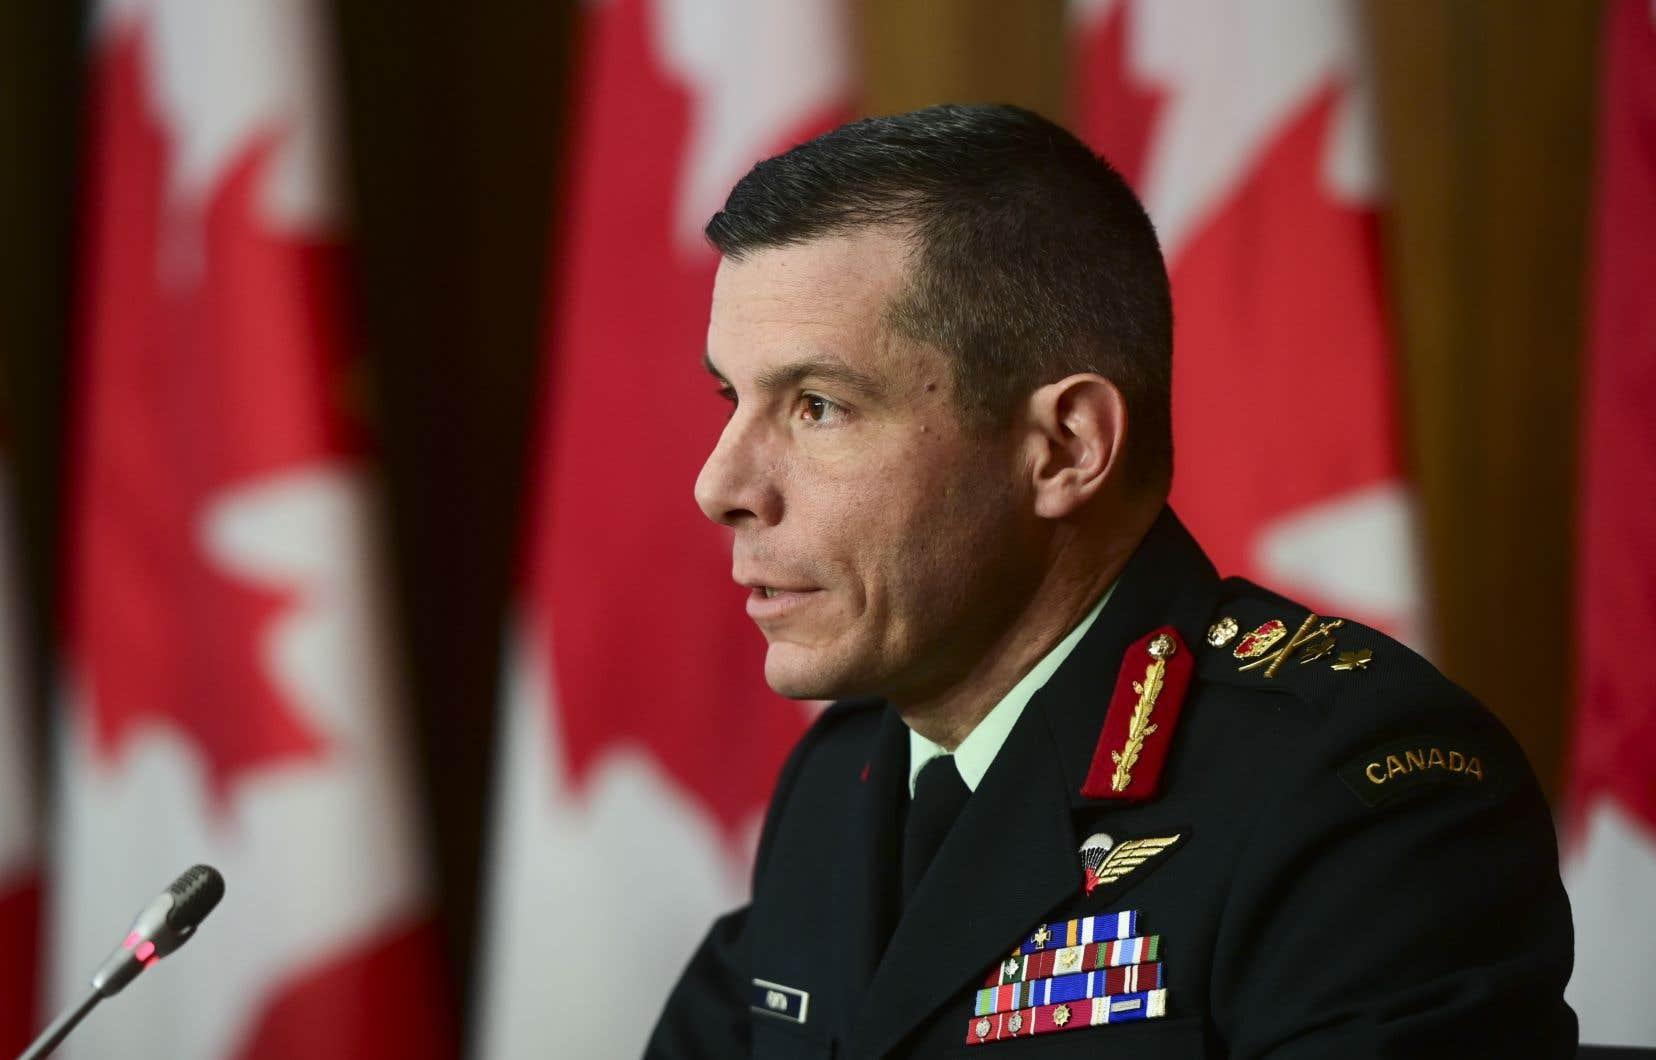 «La réputation que j'ai bâtie au cours de trois décennies au service de mon pays a été irrémédiablement ternie», a déclaré Dany Fortin.